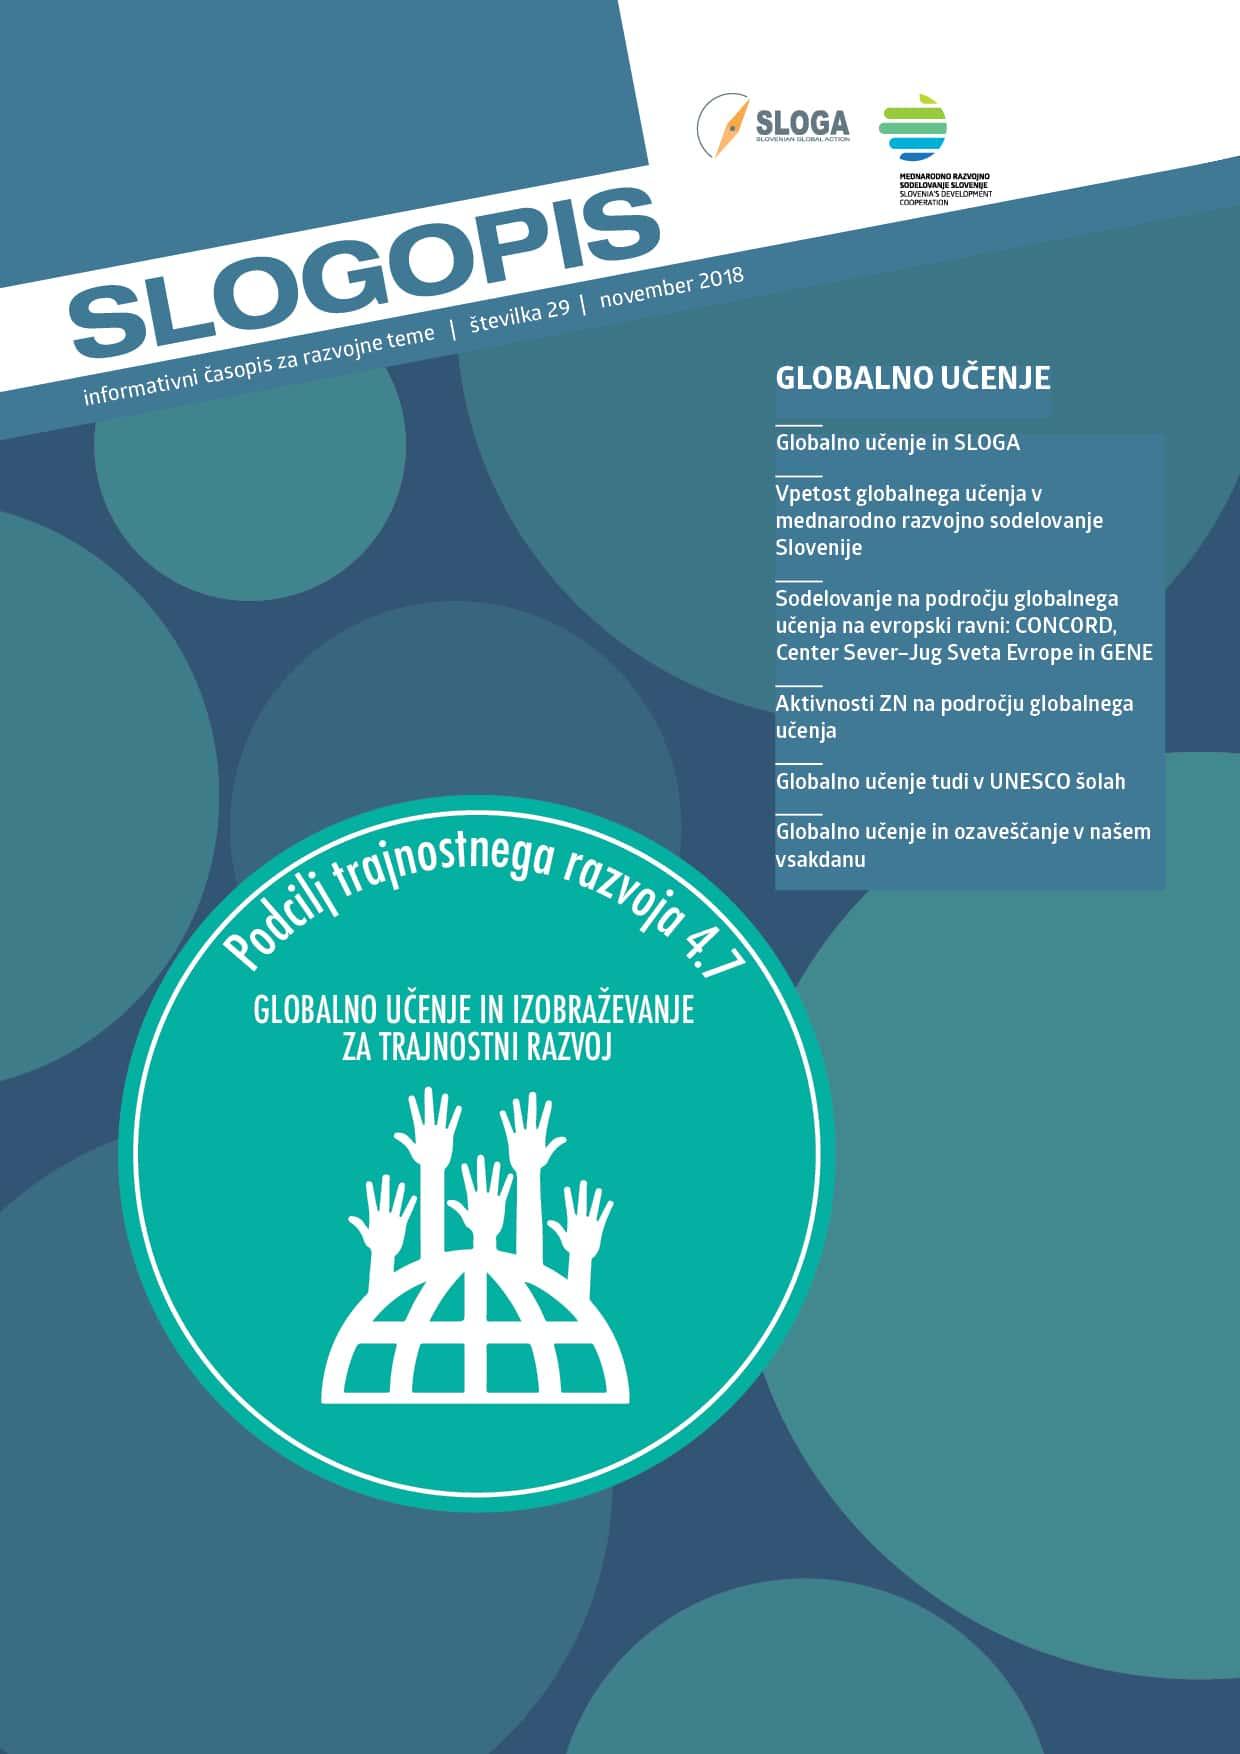 V okviru projekta Trajnostno. Lokalno. Globalno. izdan Slogopis o globalnem učenju